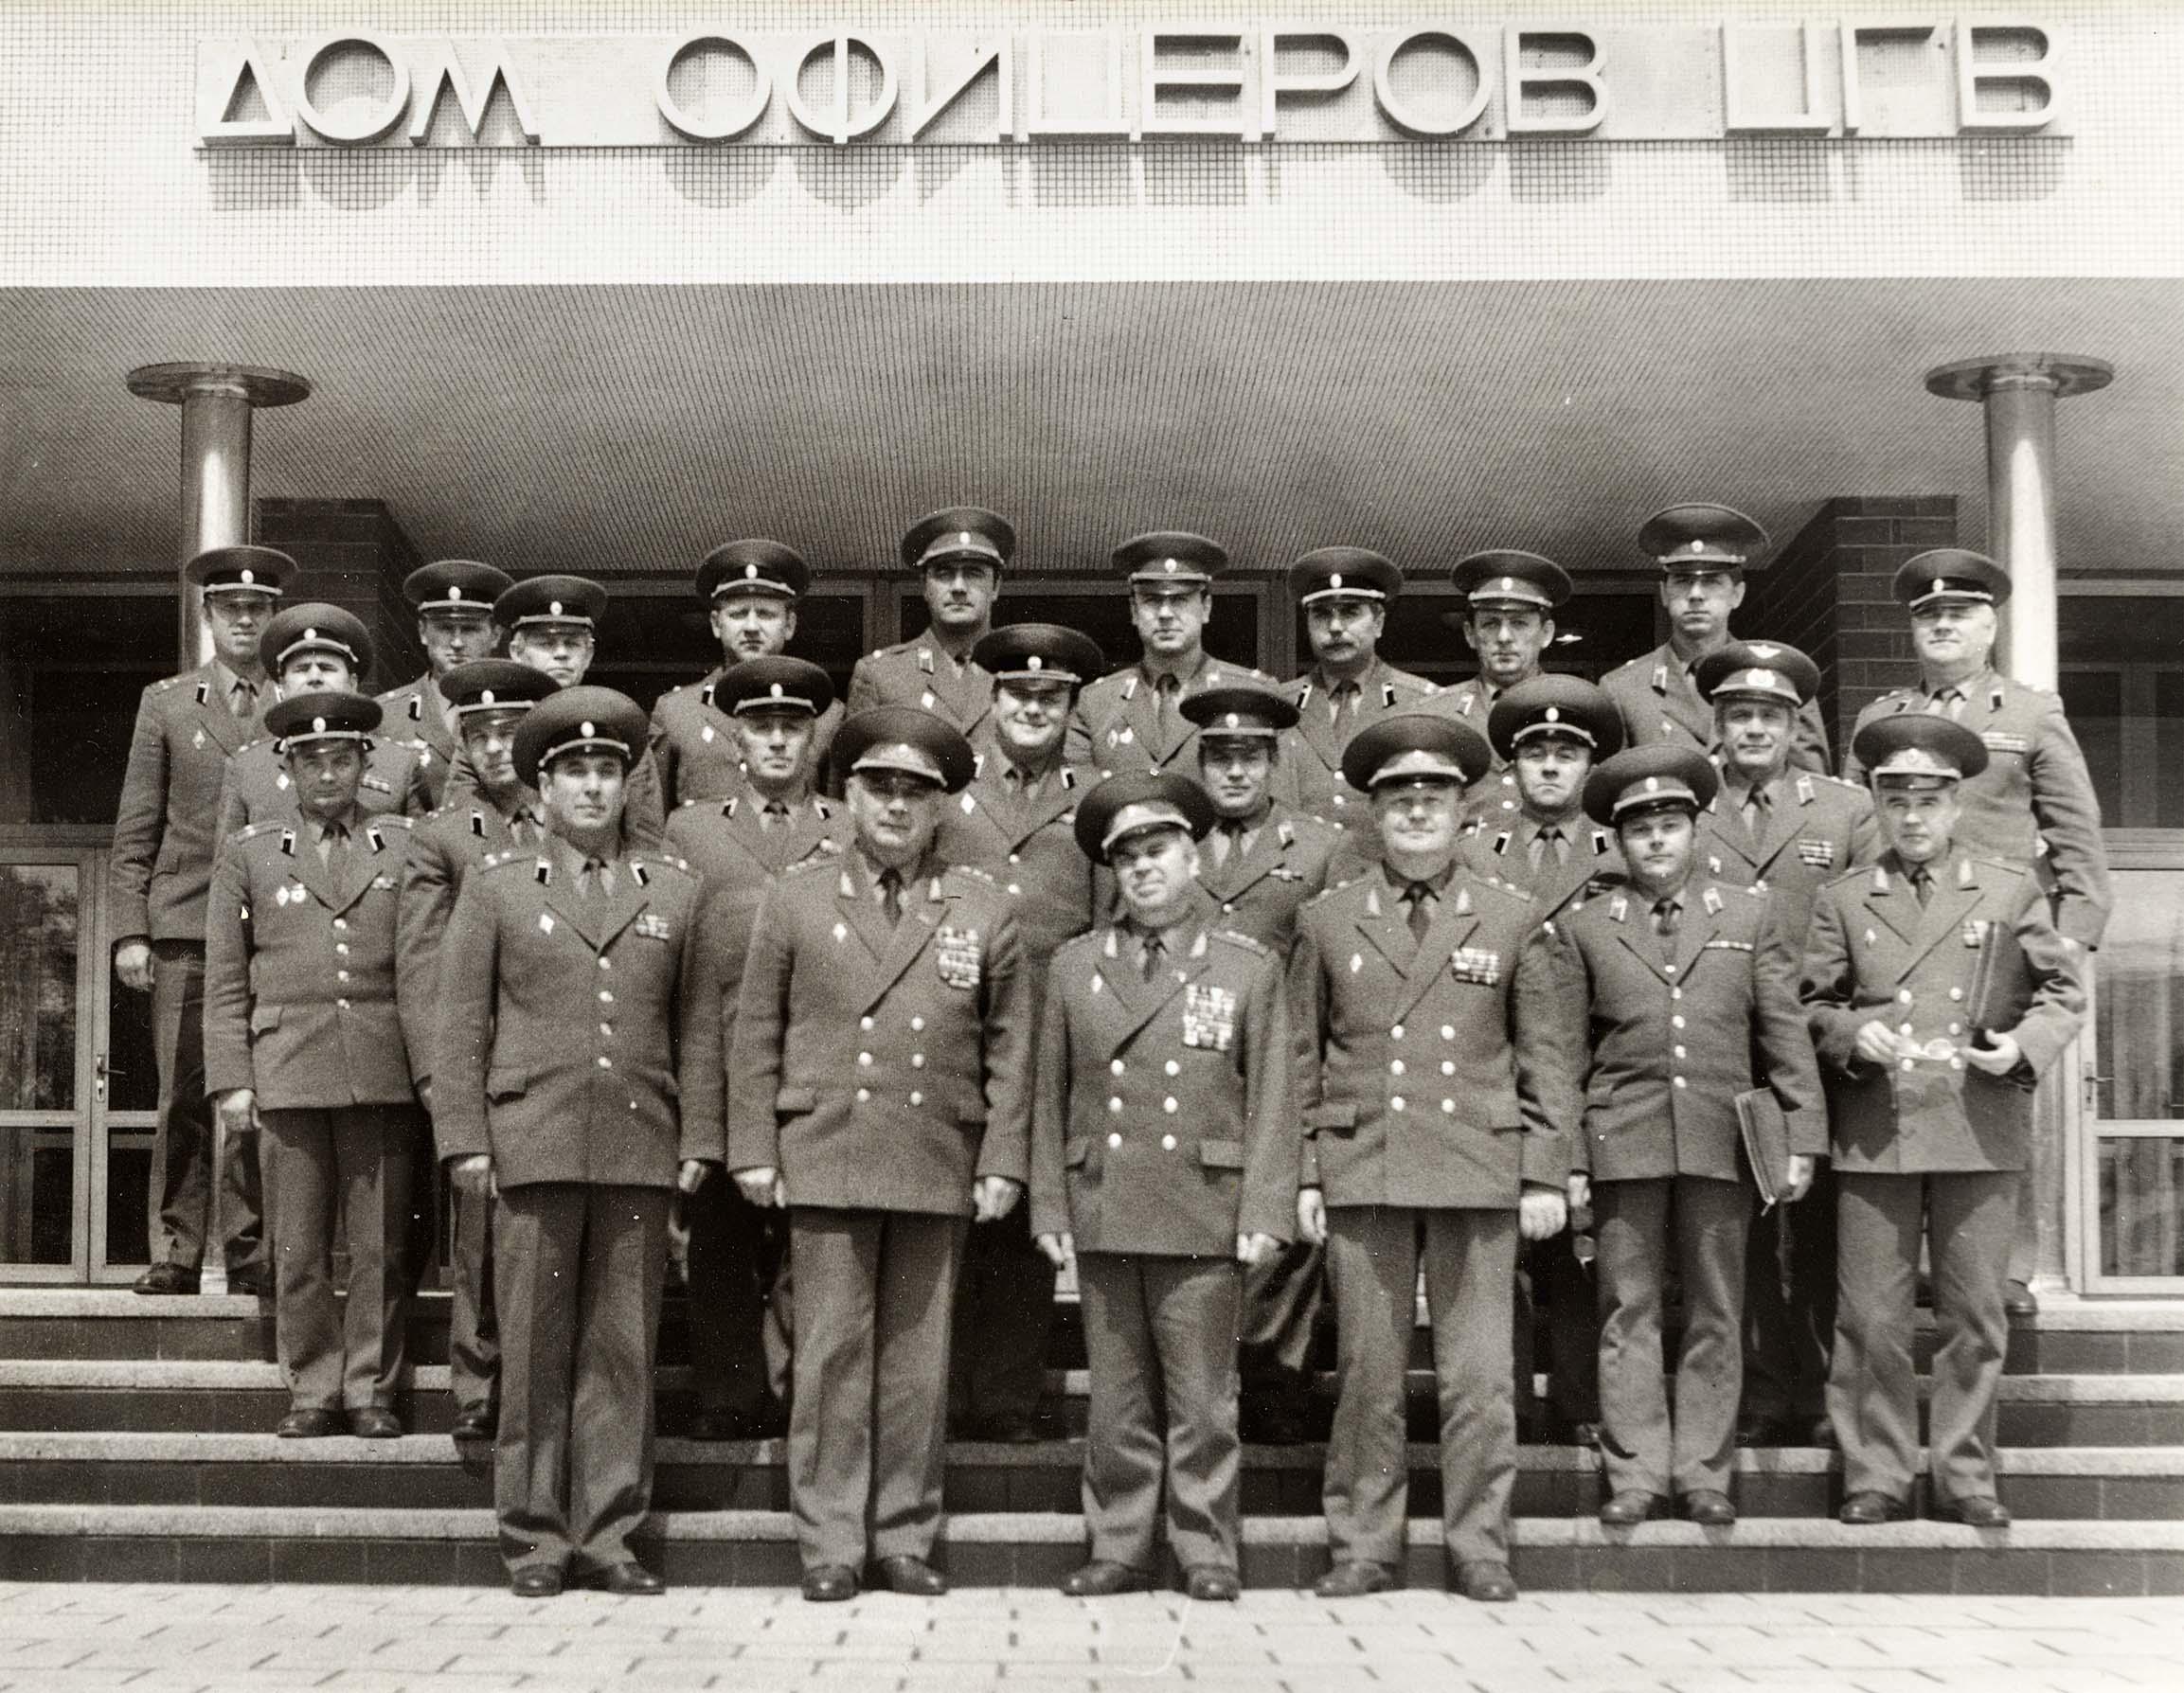 В первом ряду (слева направо): полковник Н. П. Ермолаев, генерал-полковник Б. Н. Уткин, генерал-полковник Д. А. Волкогонов, генерал-лейтенант Н. И. Шляга